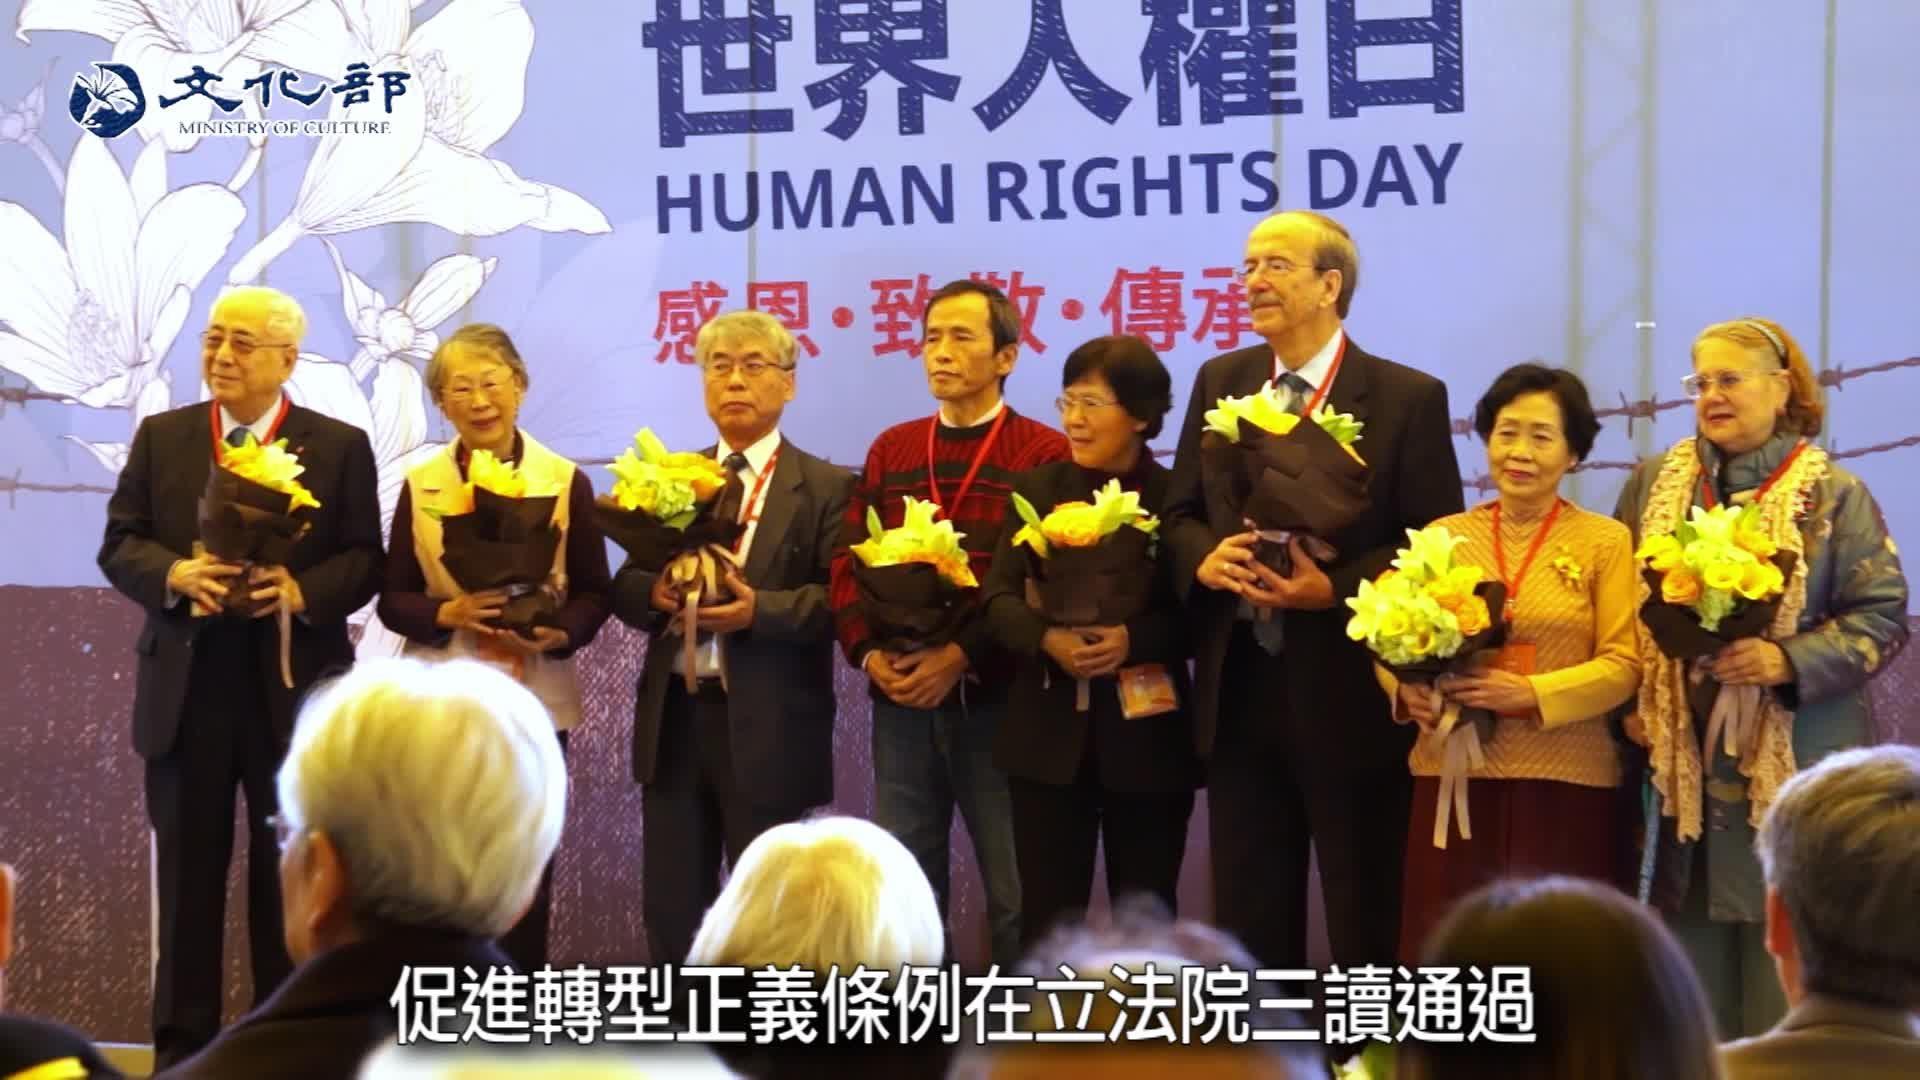 麗君部長說:透過與歷史不斷對話、思辨、反省,持續守護人權。